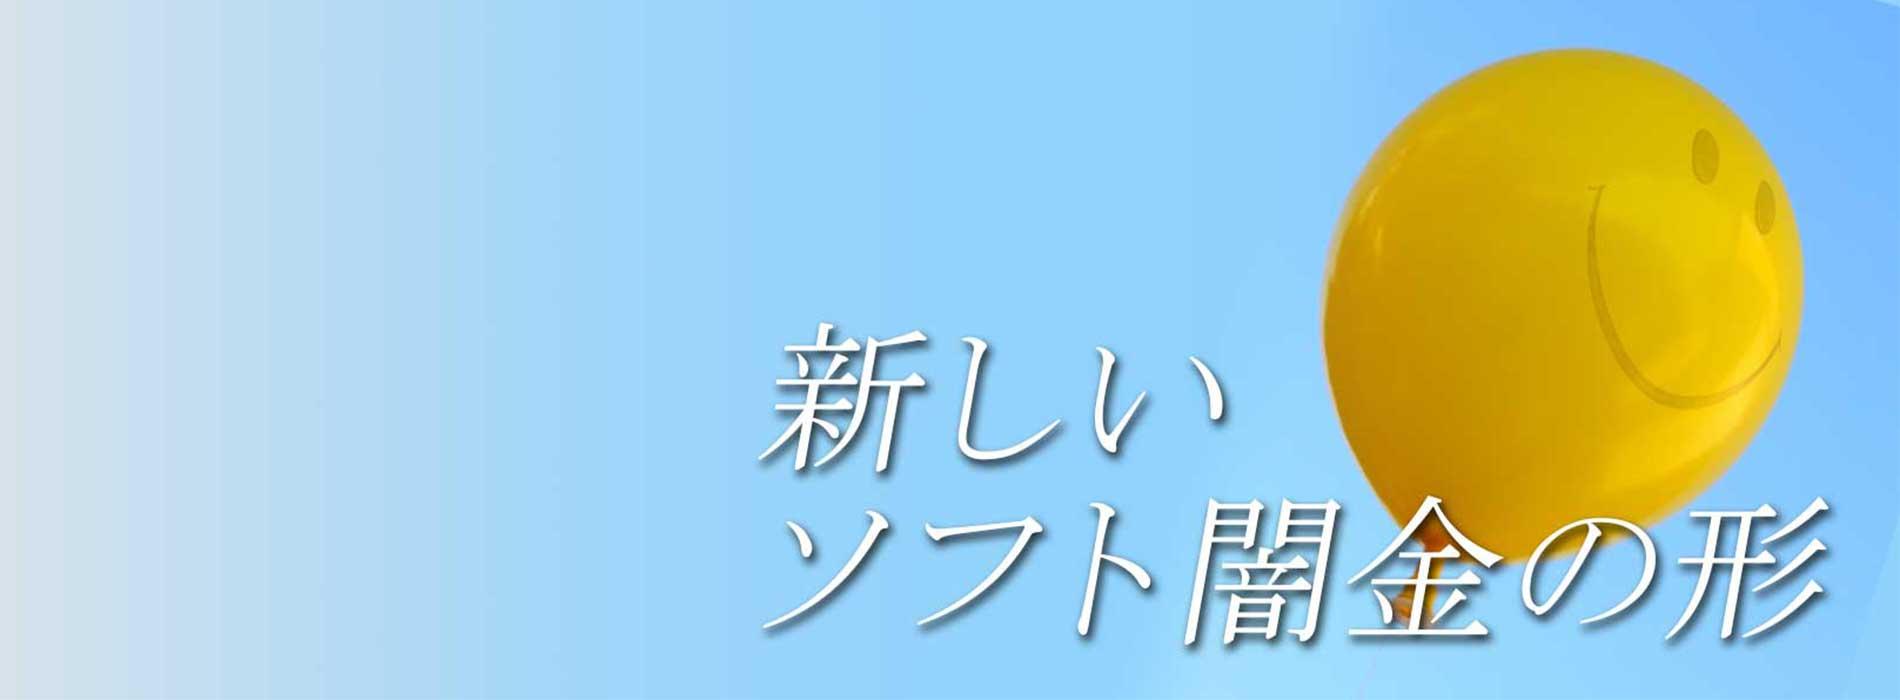 ソフト闇金バルーンのヘッダー画像